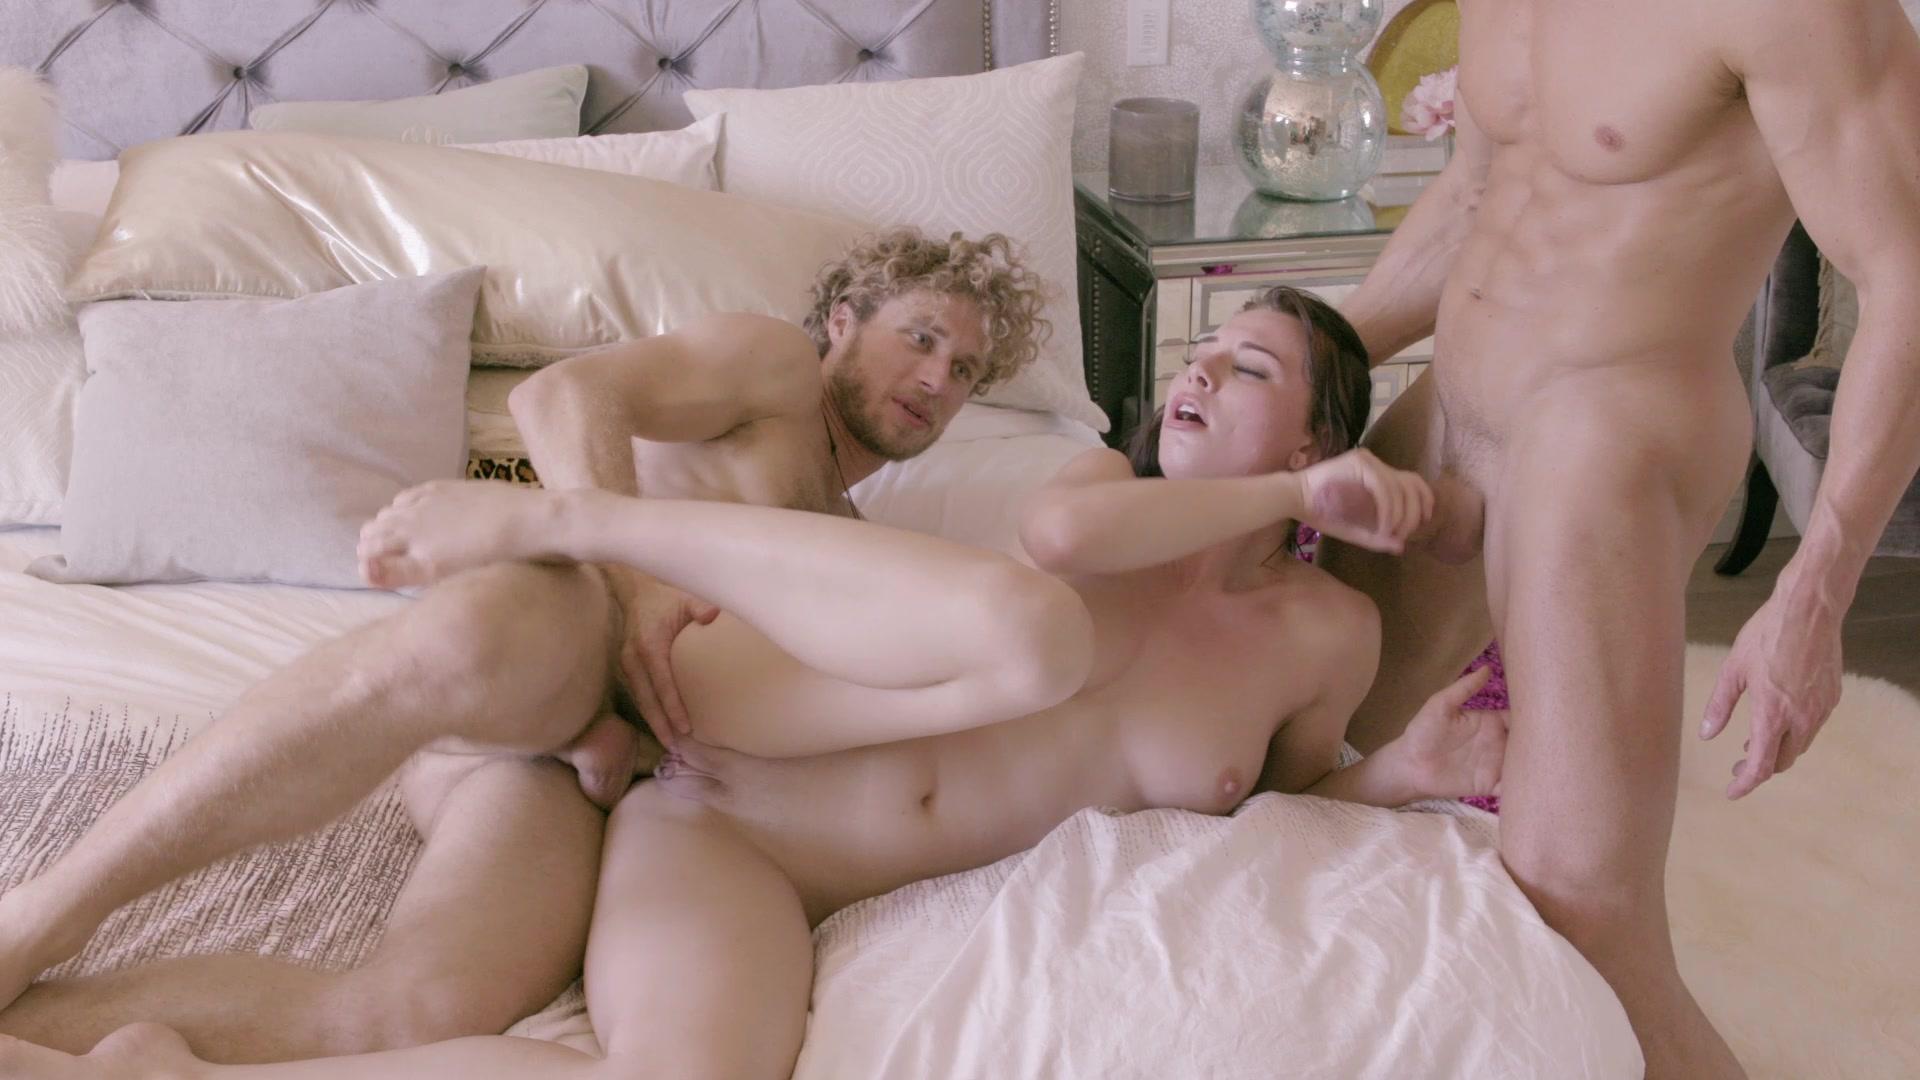 Reel ultimate sex